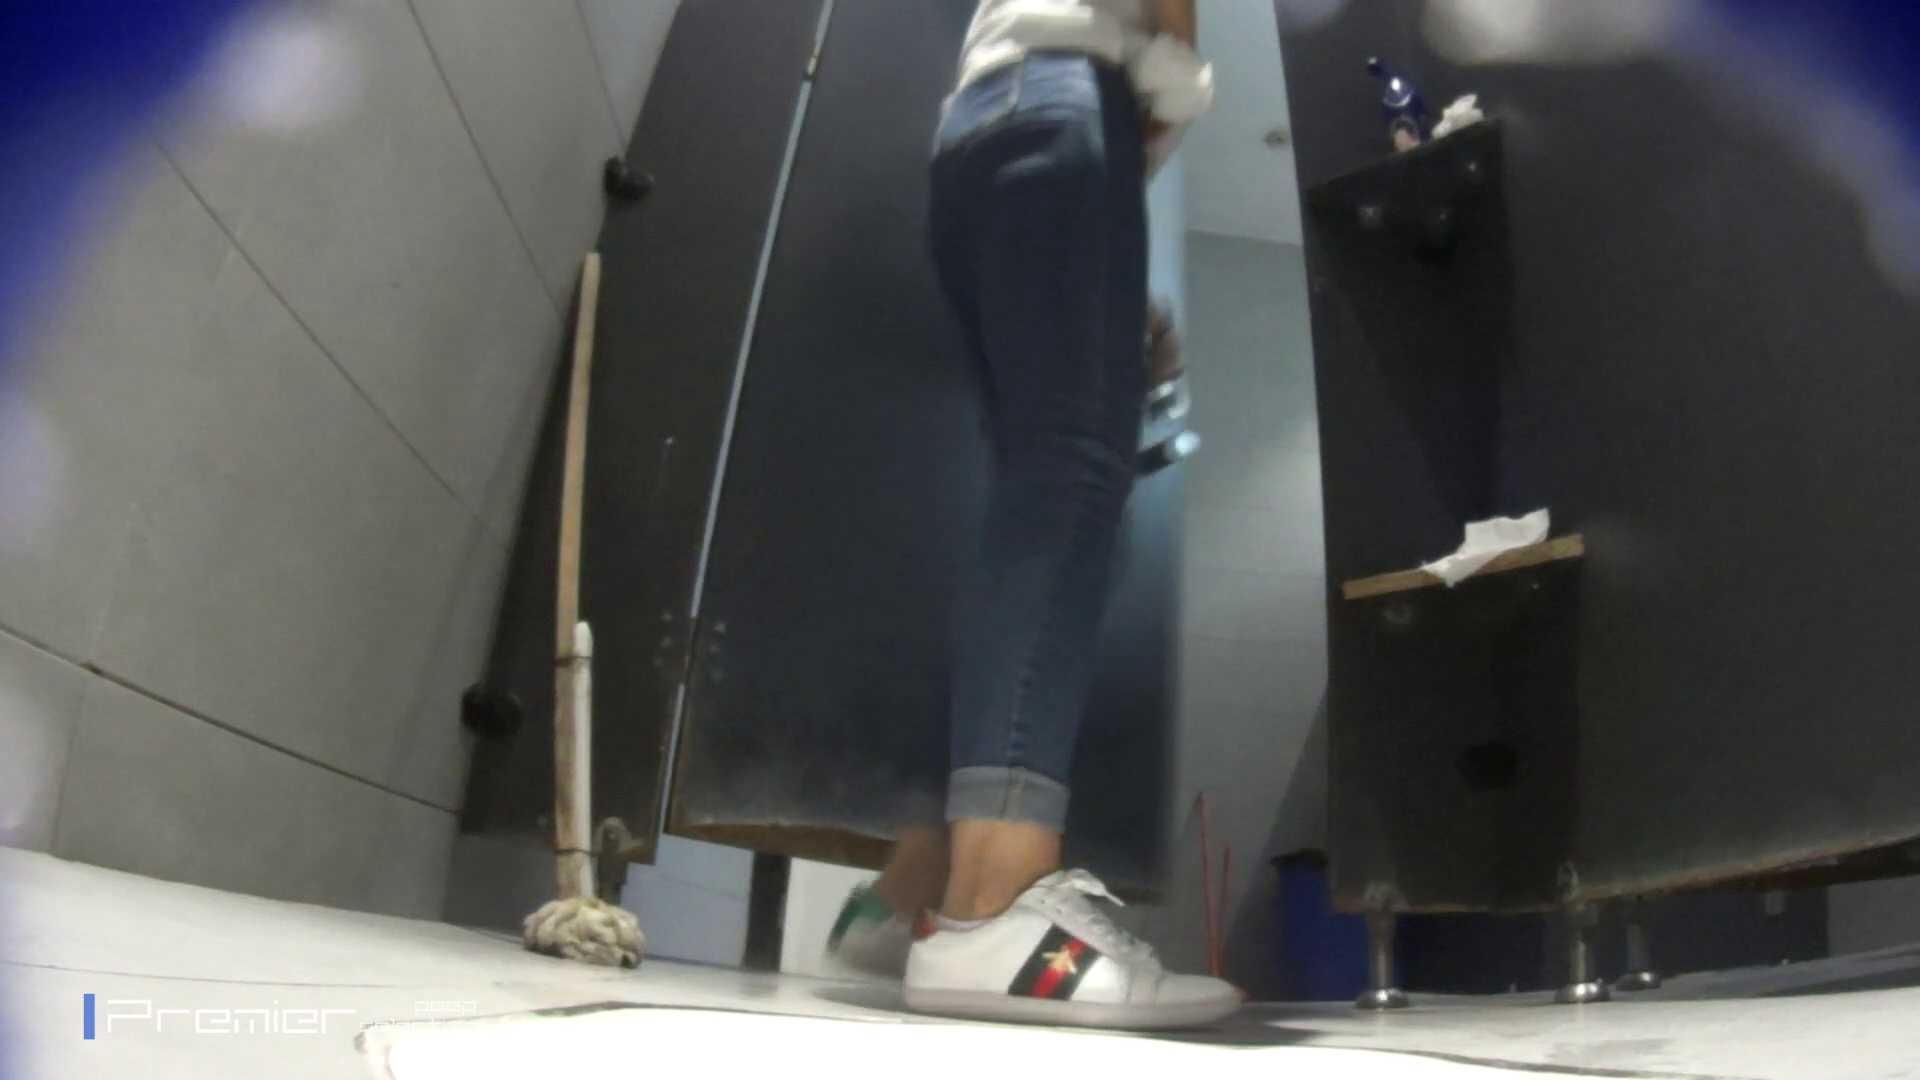 派手なスニーカーの女の子 大学休憩時間の洗面所事情63 お姉さん達のヌード | 美女達のヌード  95連発